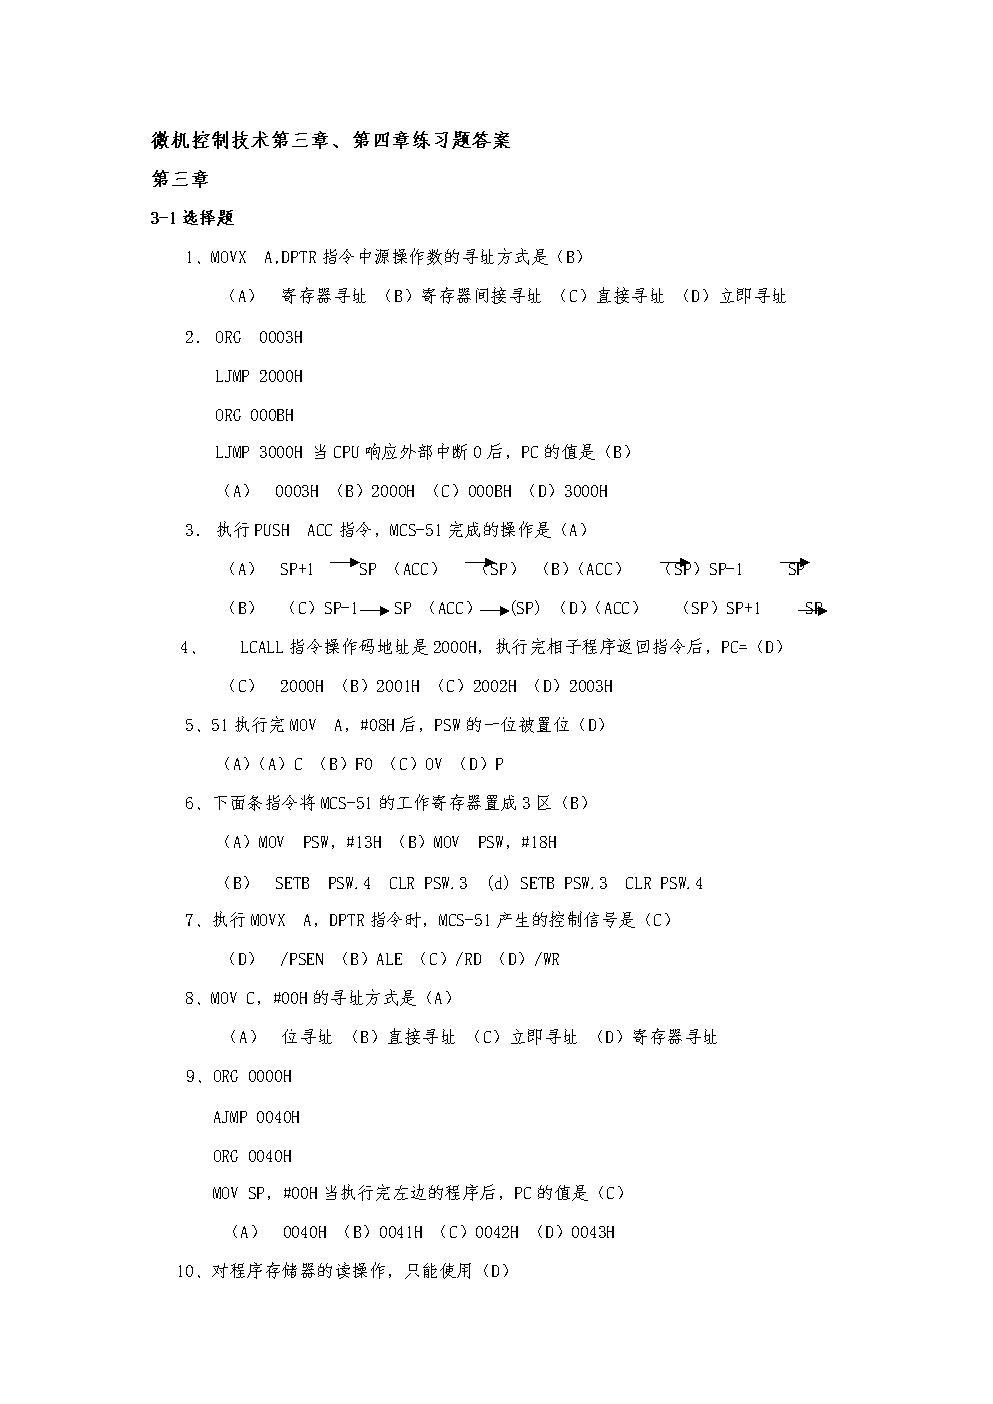 微机控制技术第三章、第四章练习题答案.doc